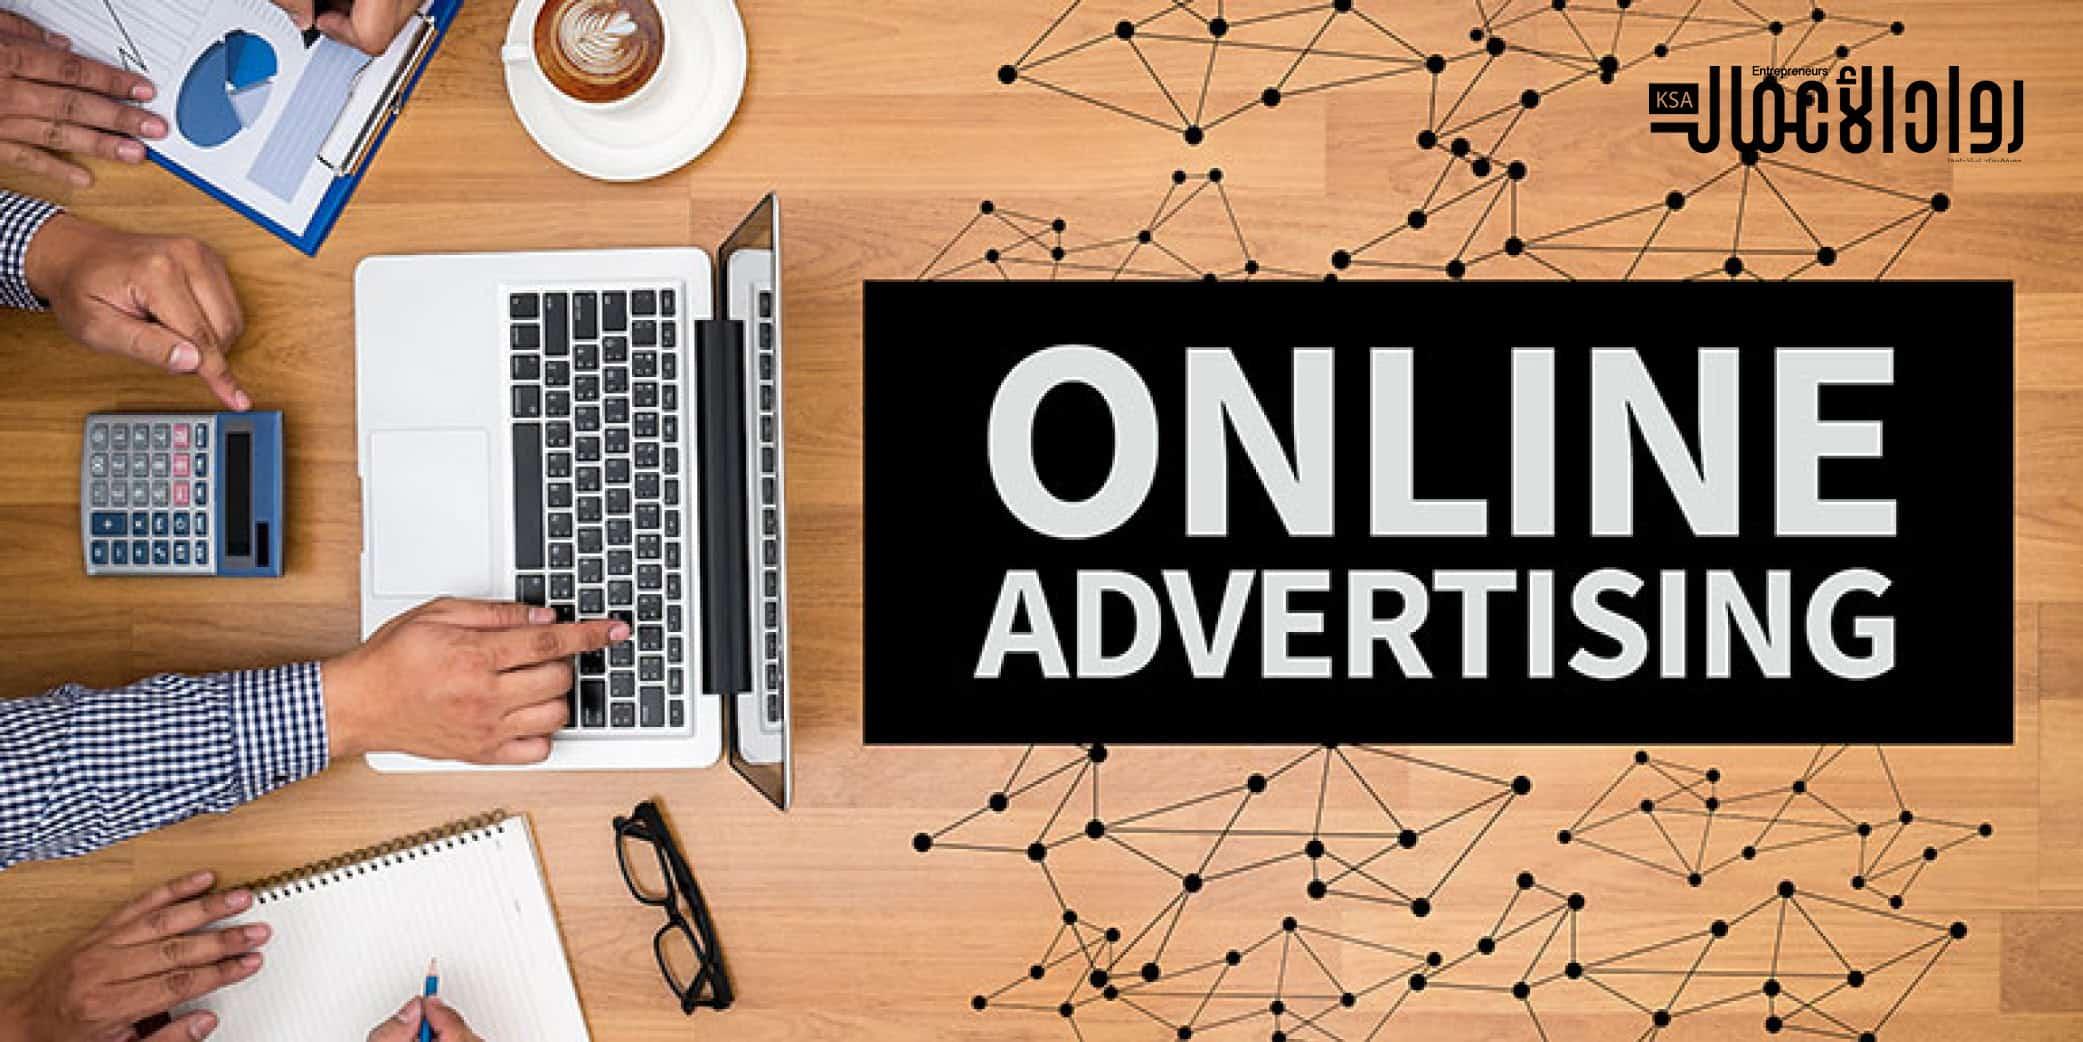 الإعلانات التسويقية الناجحة